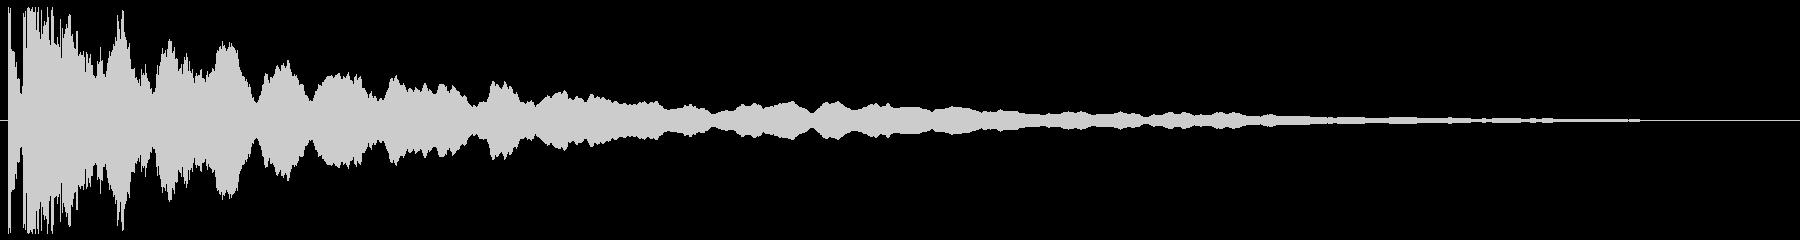 チーン ボケ オチ 突っ込み ベルの未再生の波形